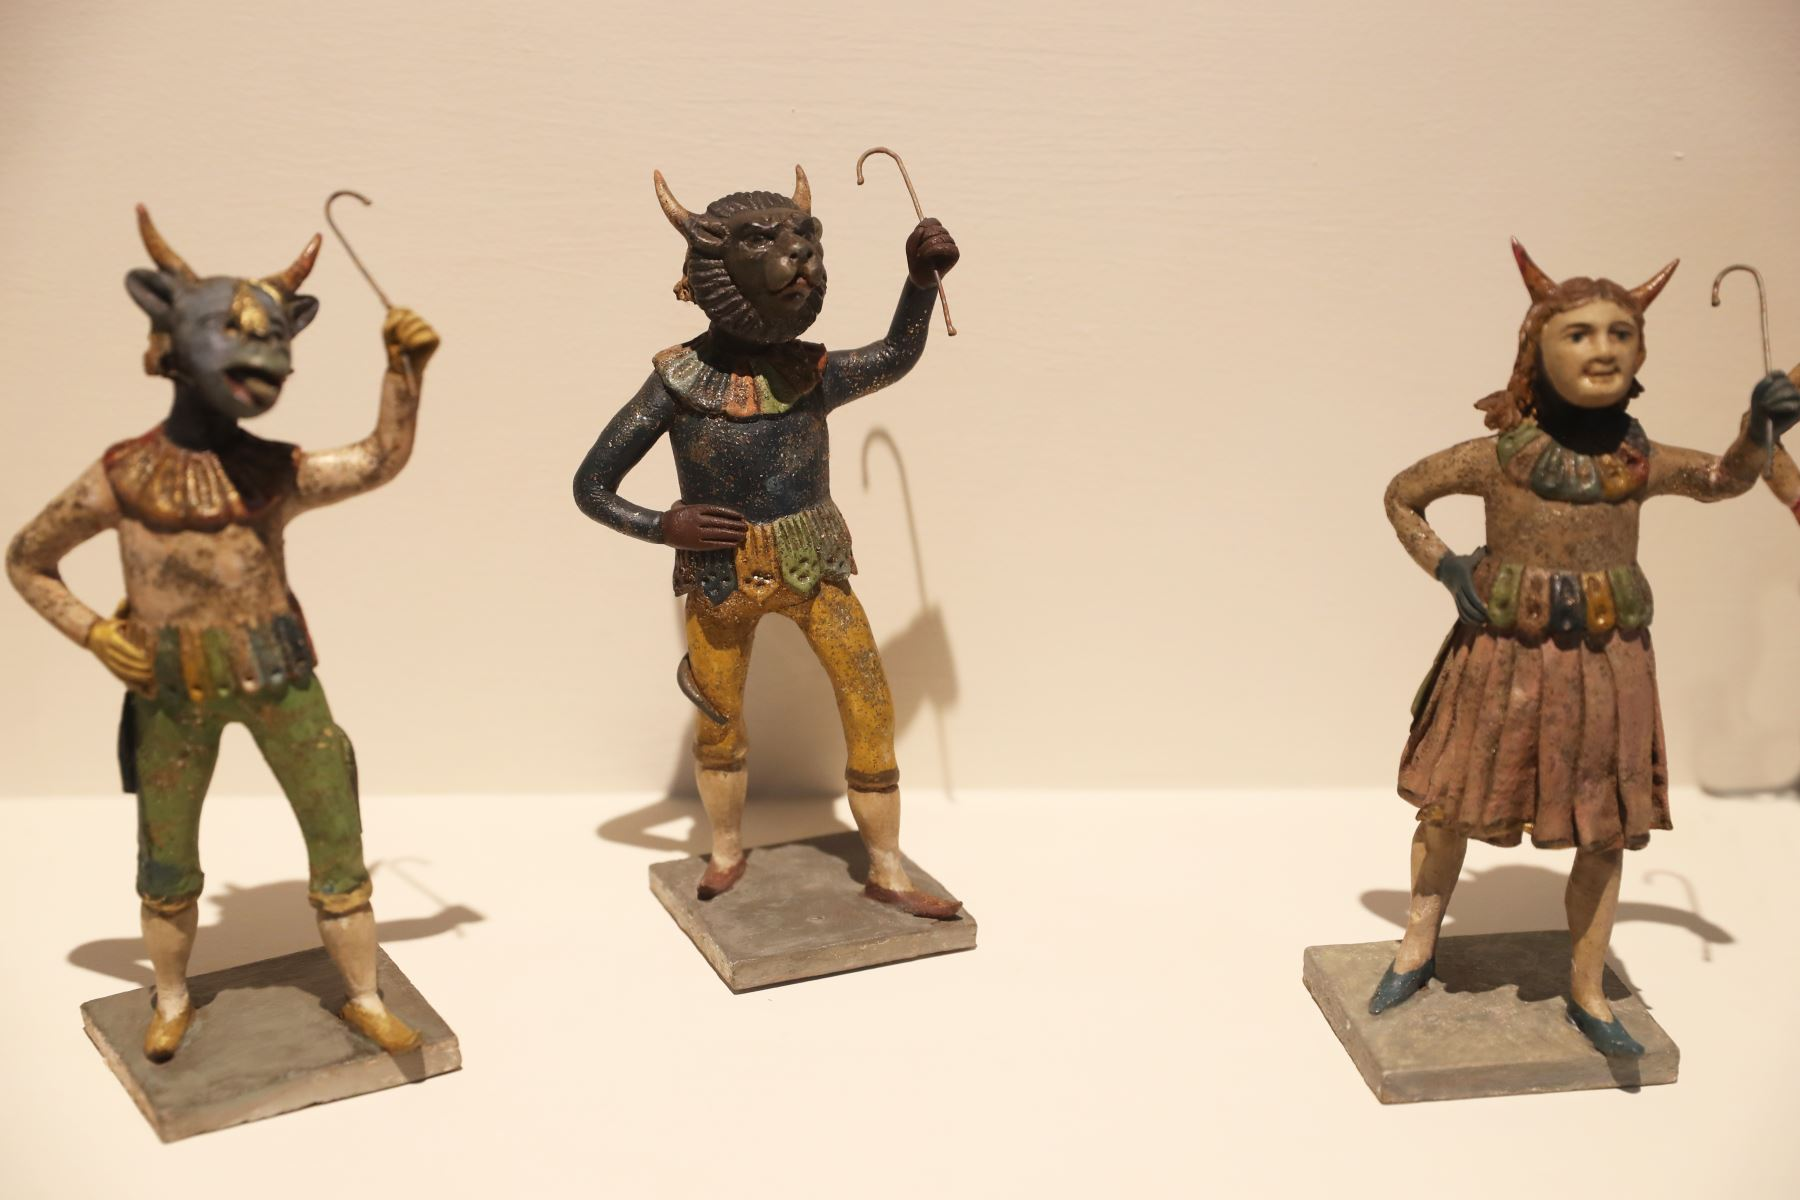 Museo Nacional de la Cultura Peruana también forma parte de la red de museos del ministerio de Cultura que abren sus puertas gratuitamente al público hoy,  Foto: ANDINA/Melina Mejía